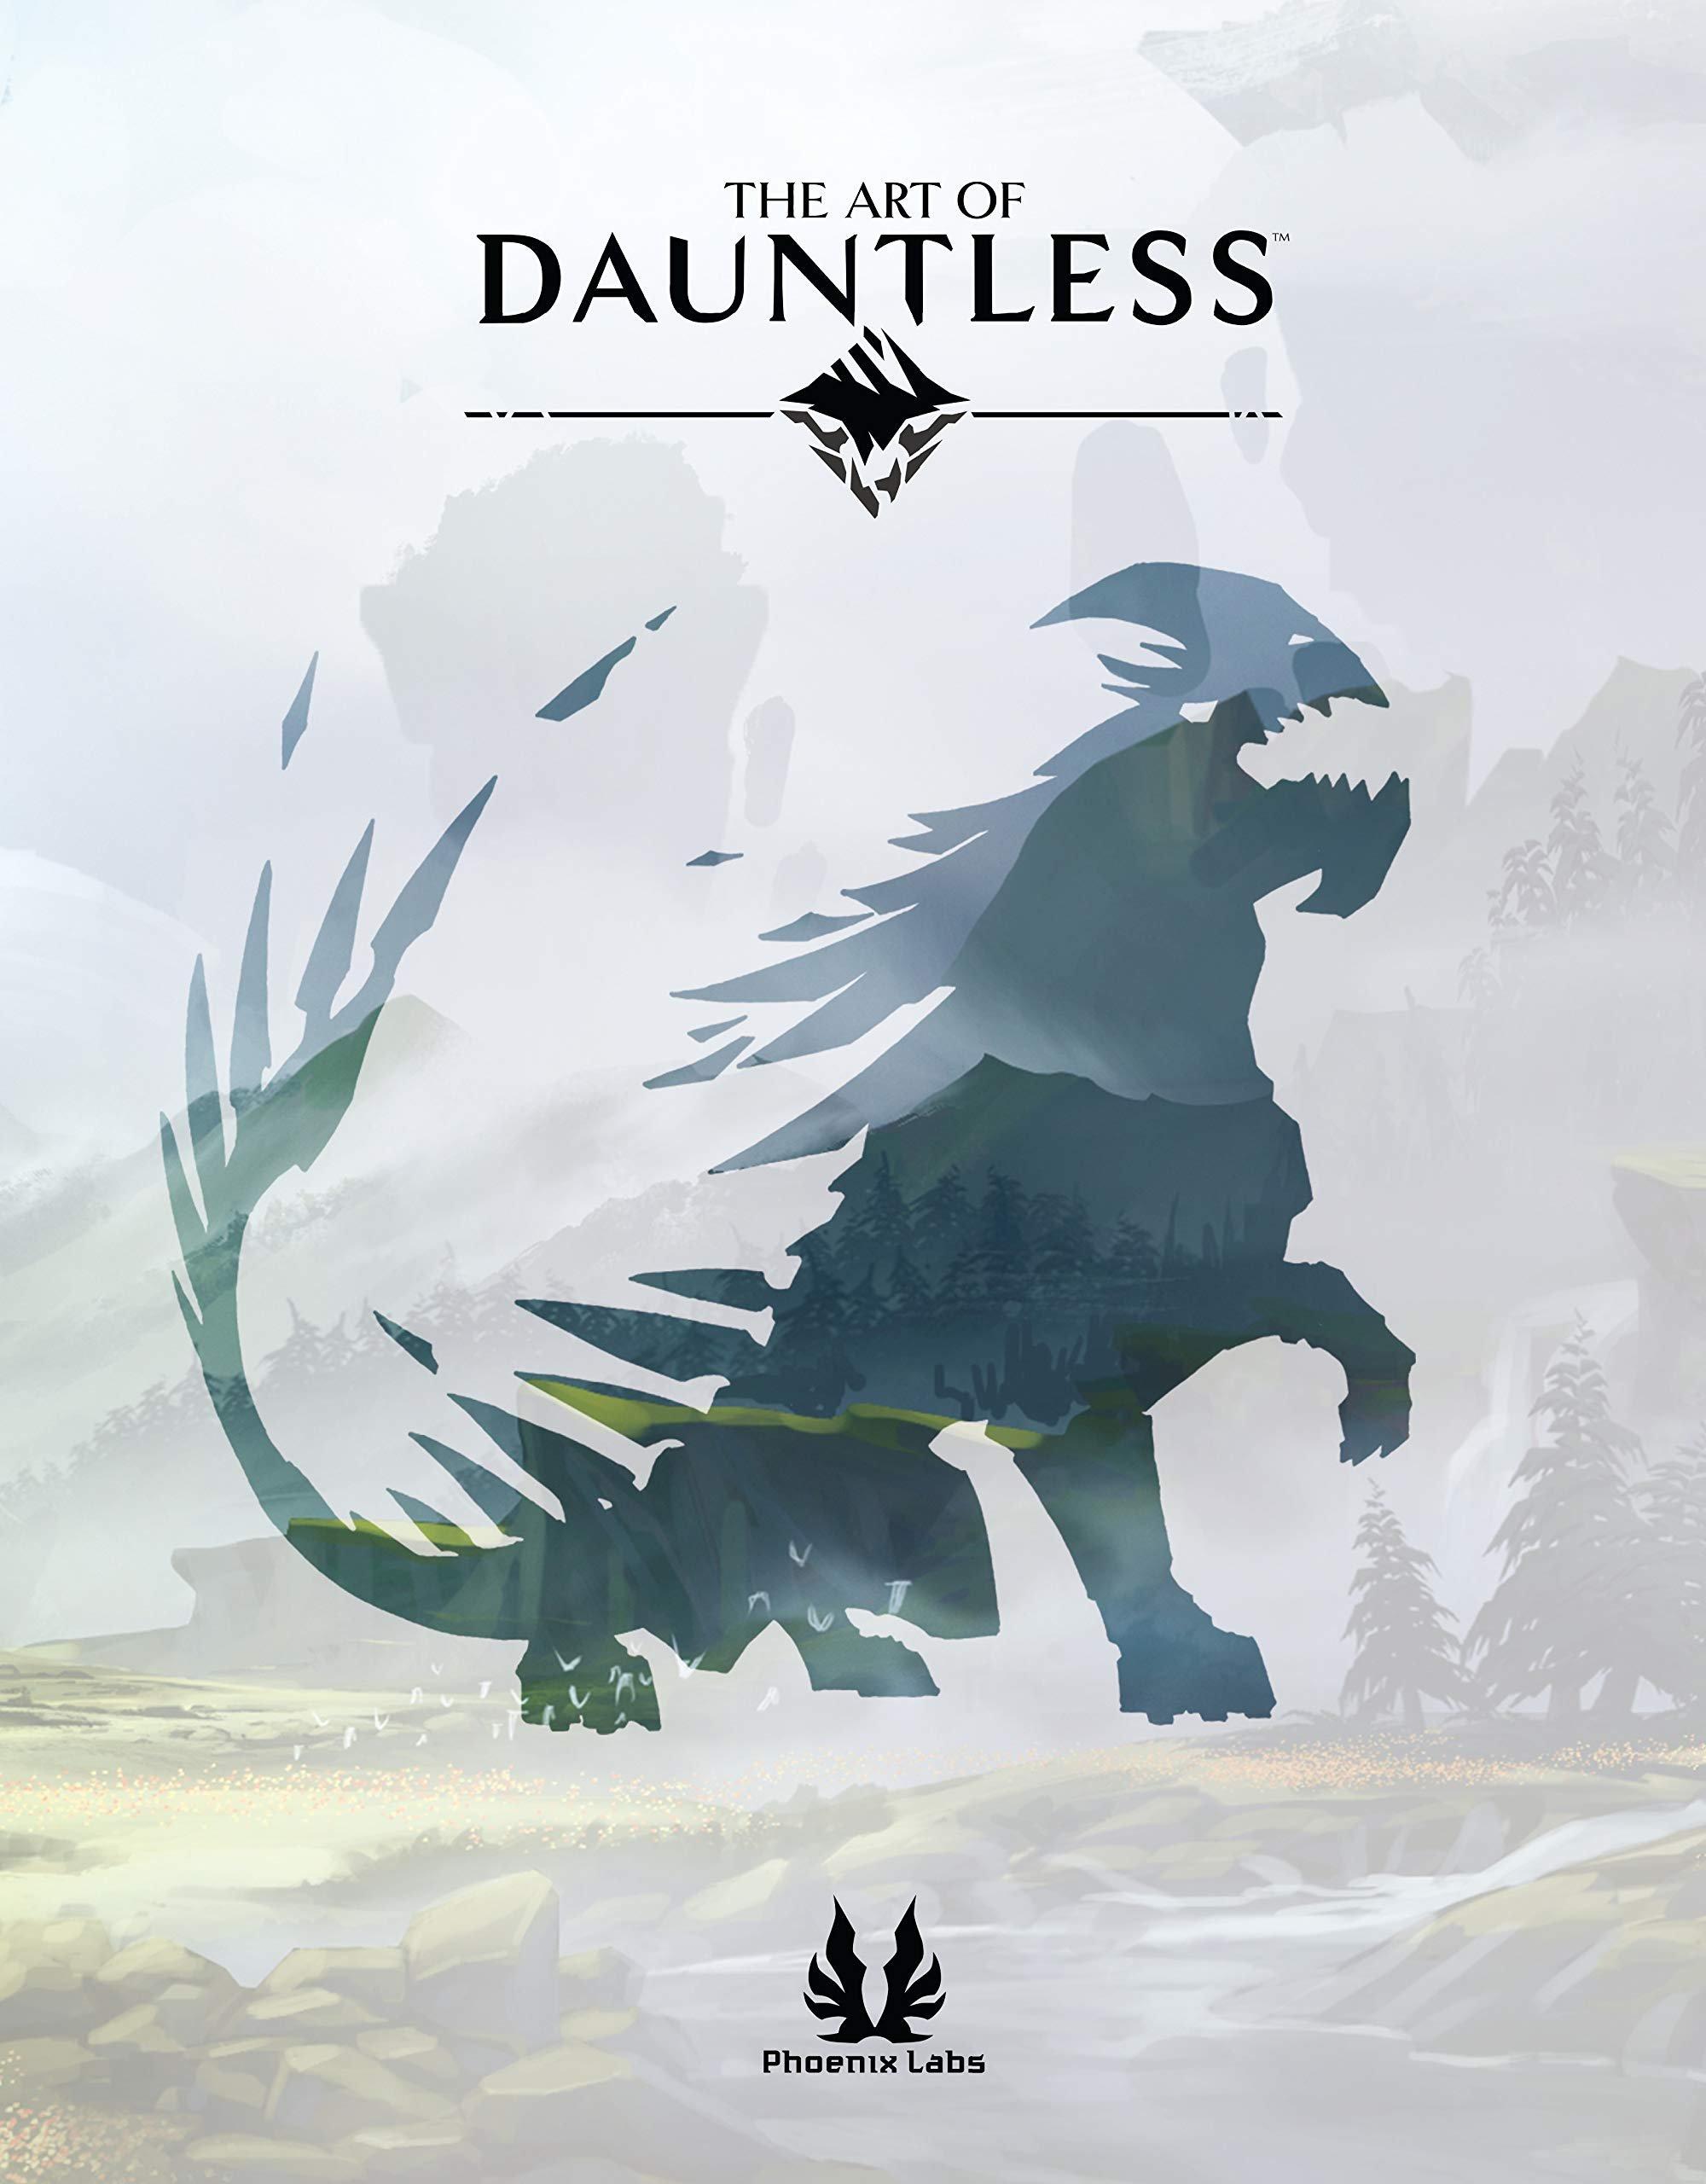 Dauntless - The Art of Dauntless